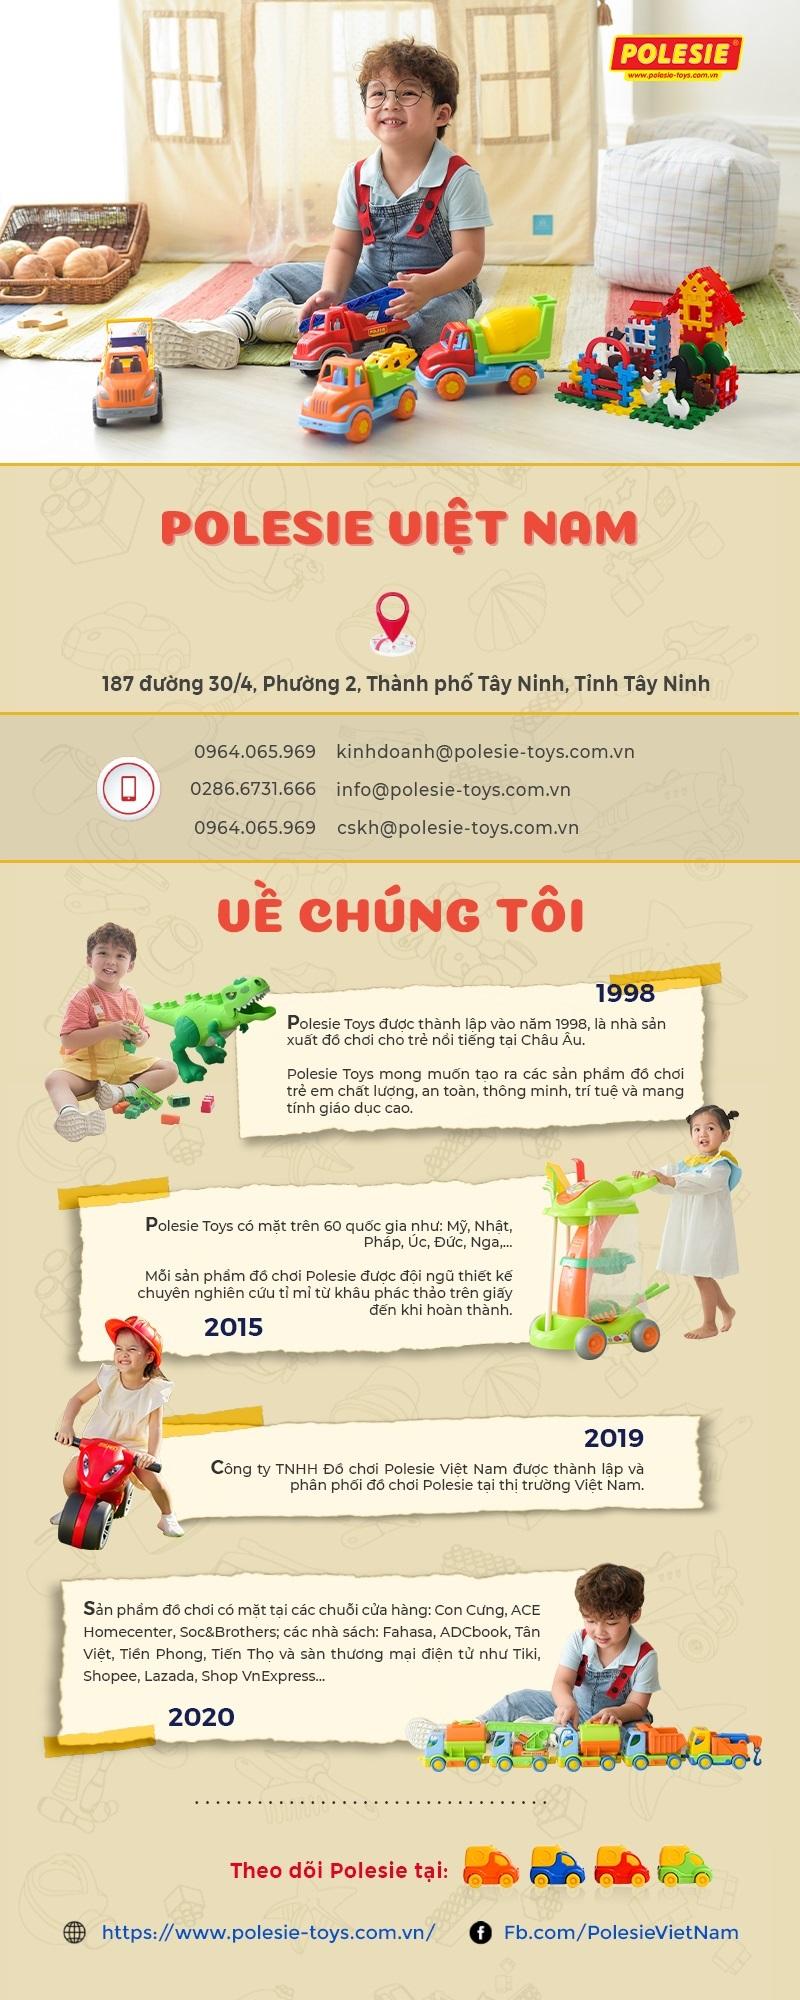 lịch sử hình thành của Polesie Việt Nam